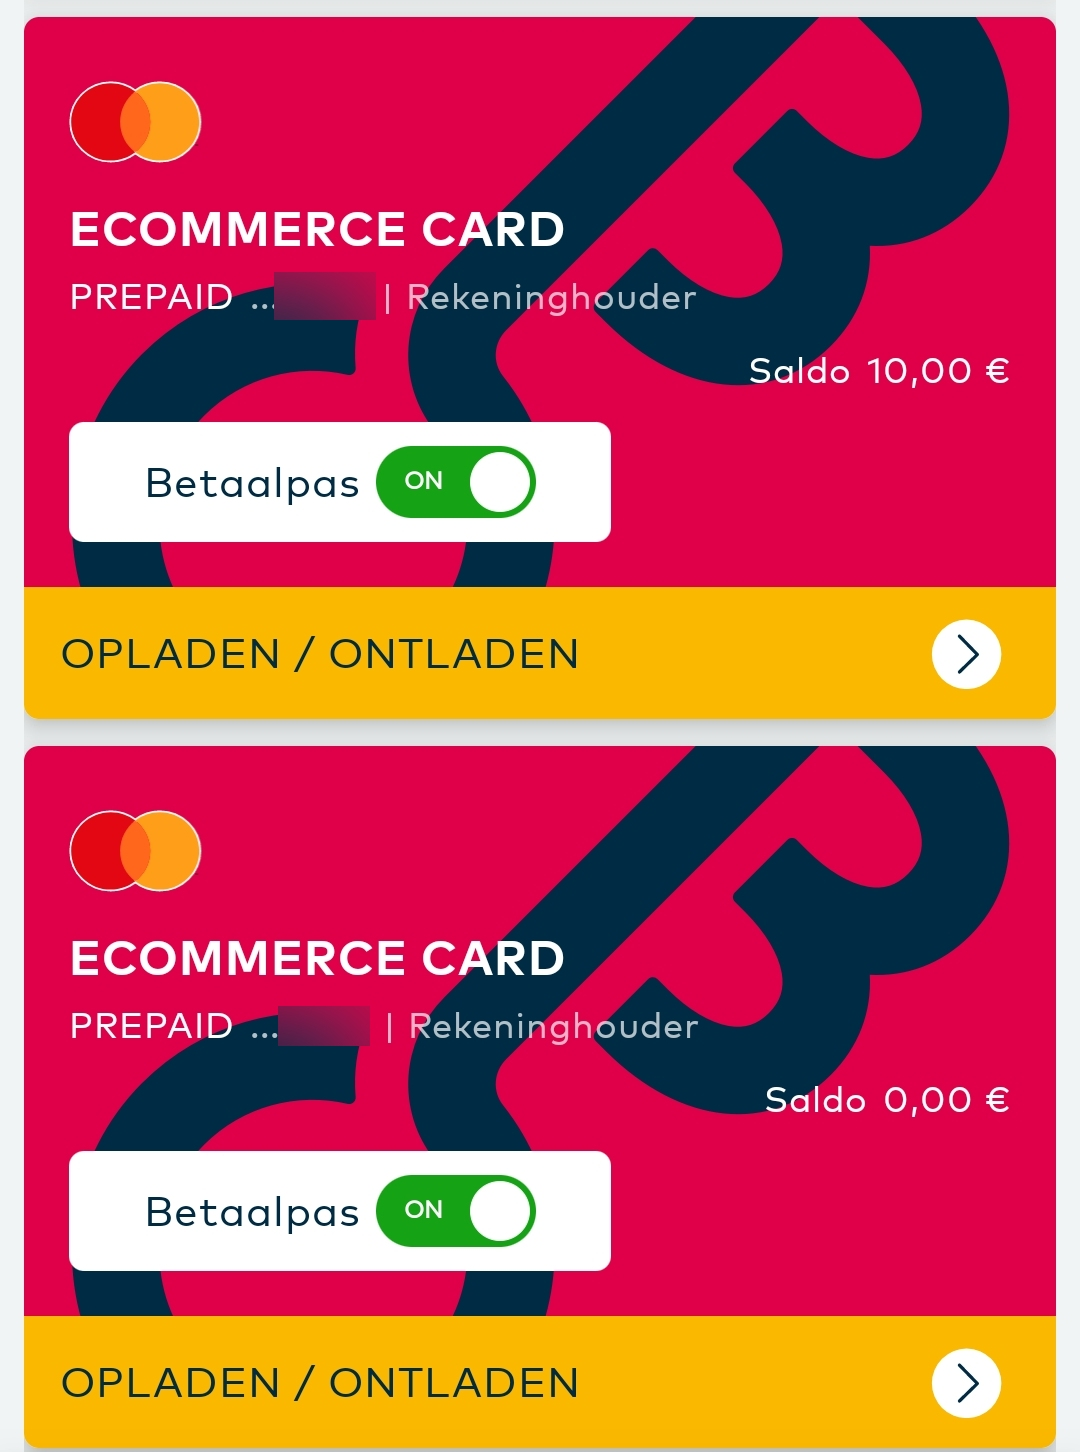 openbank ecommerce card